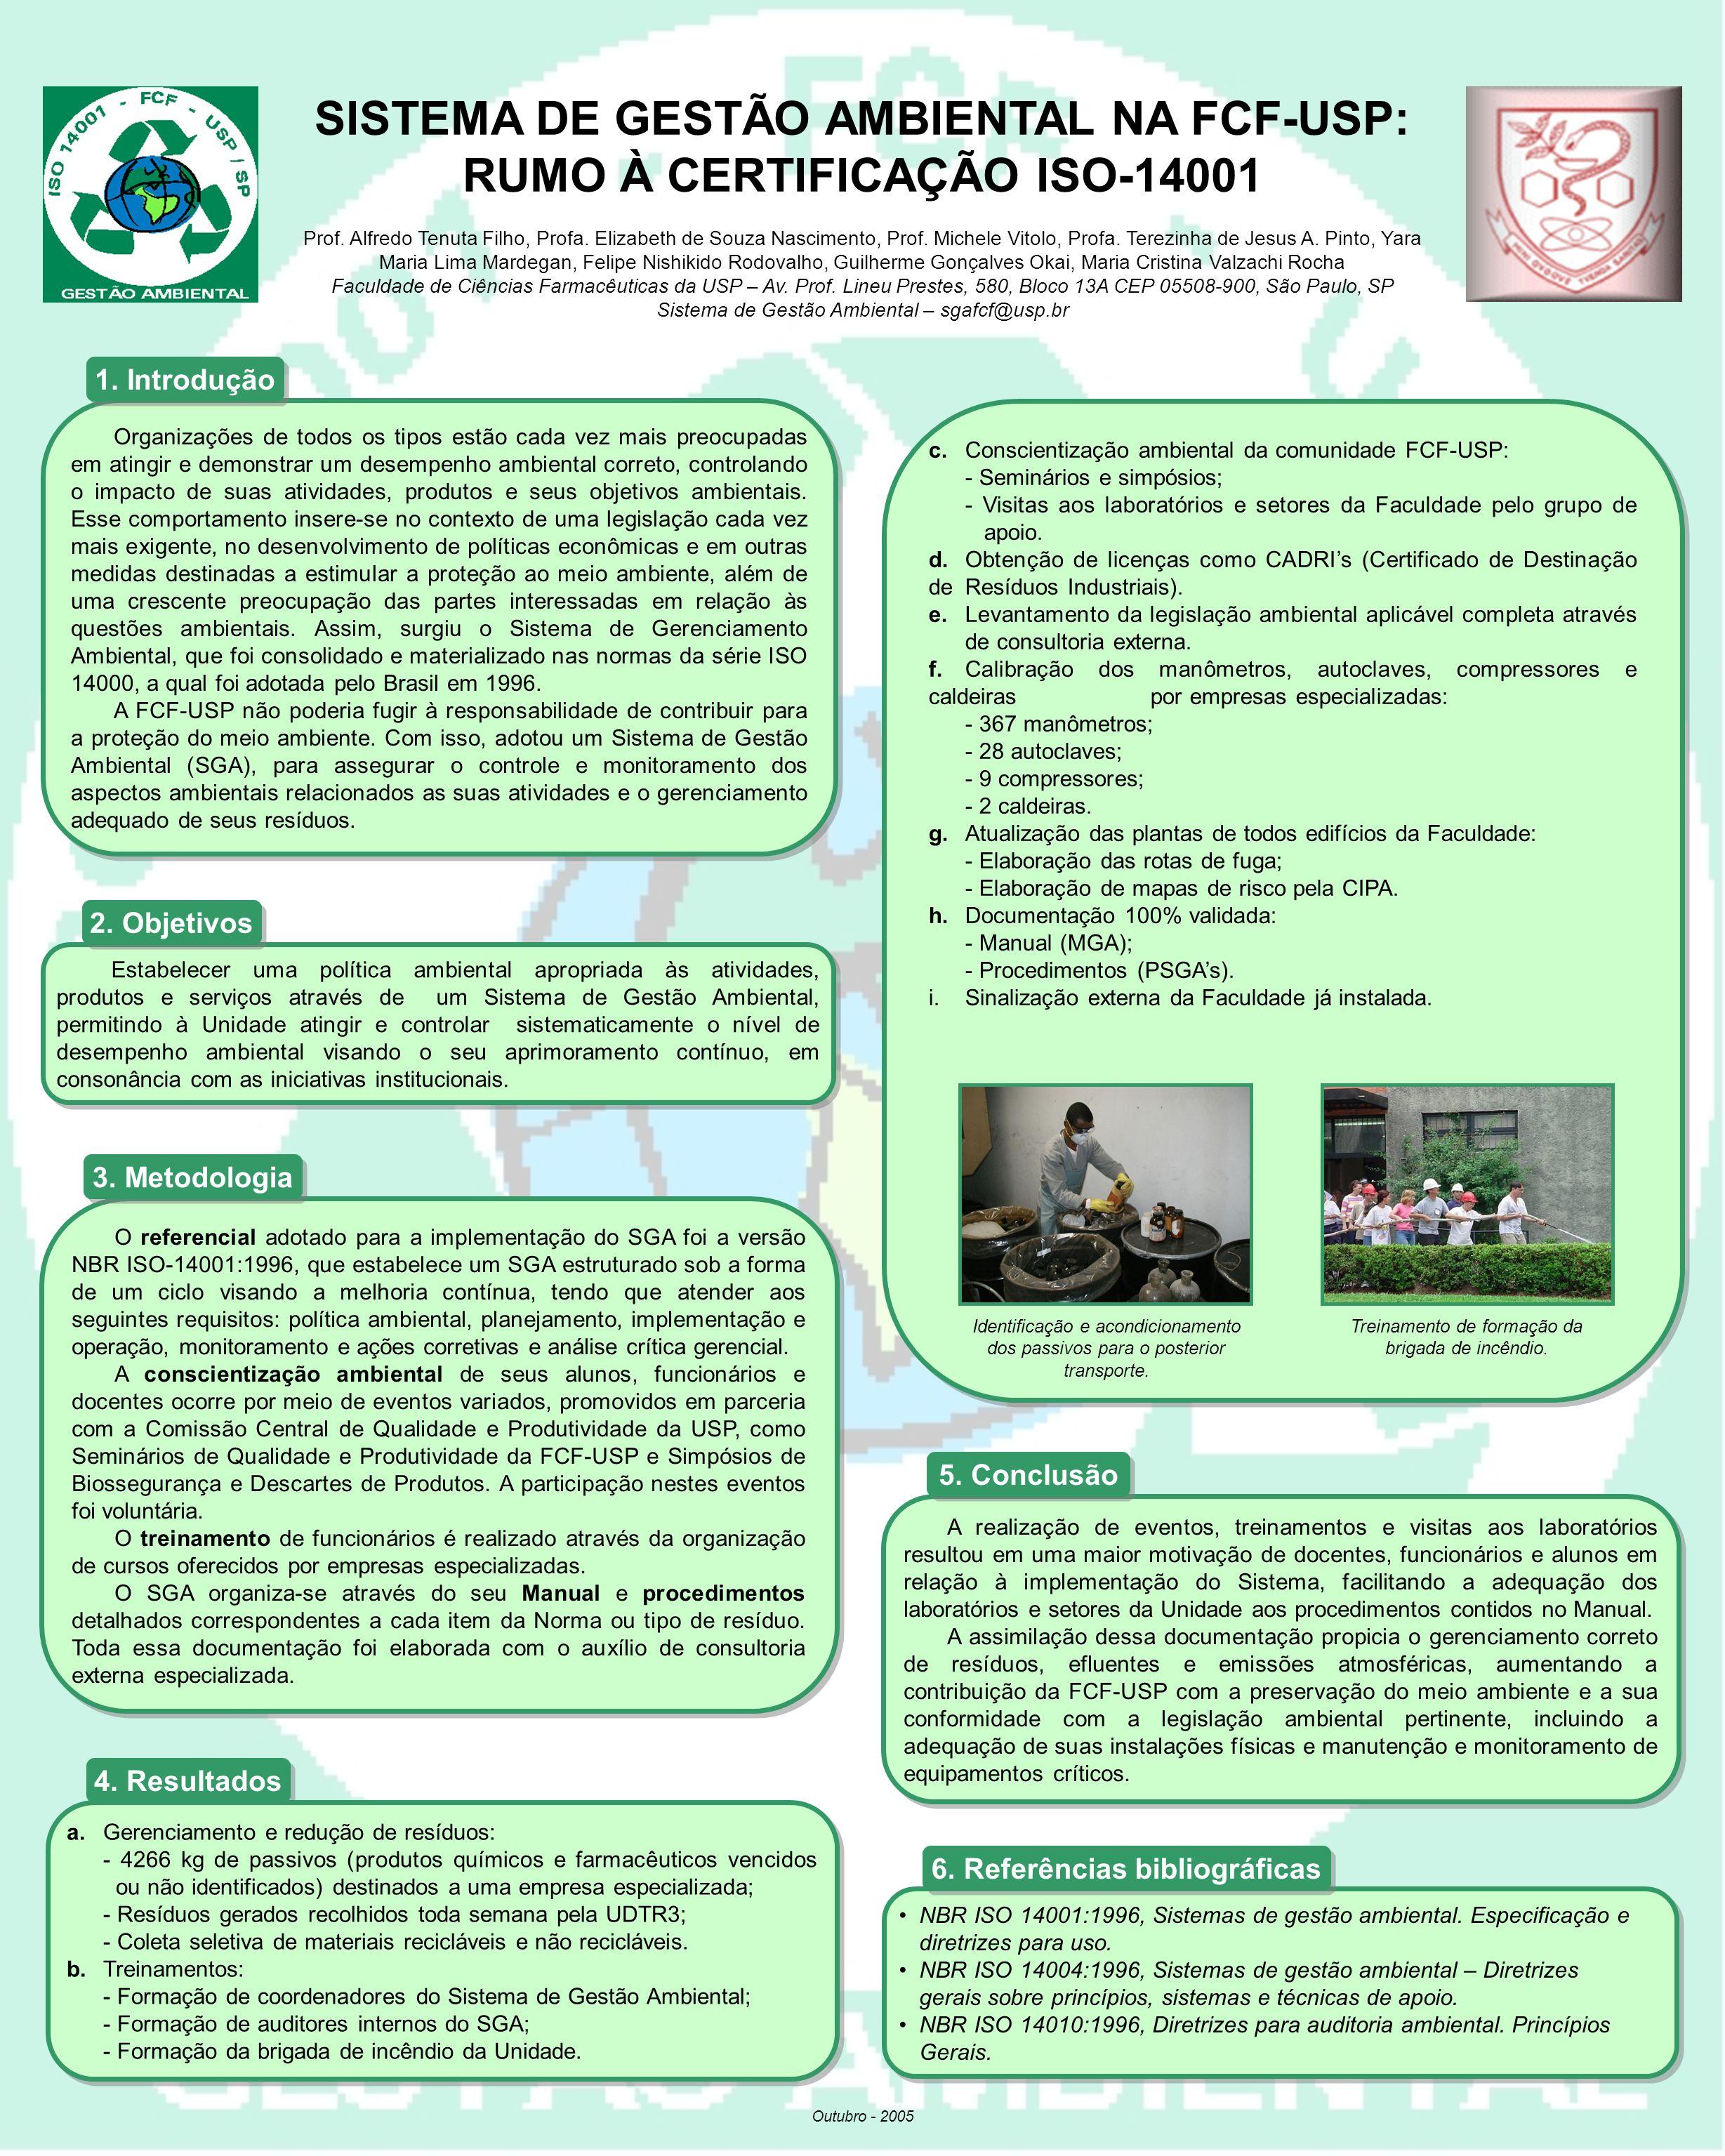 SISTEMA DE GESTÃO AMBIENTAL NA FCF-USP: RUMO À CERTIFICAÇÃO ISO-14001